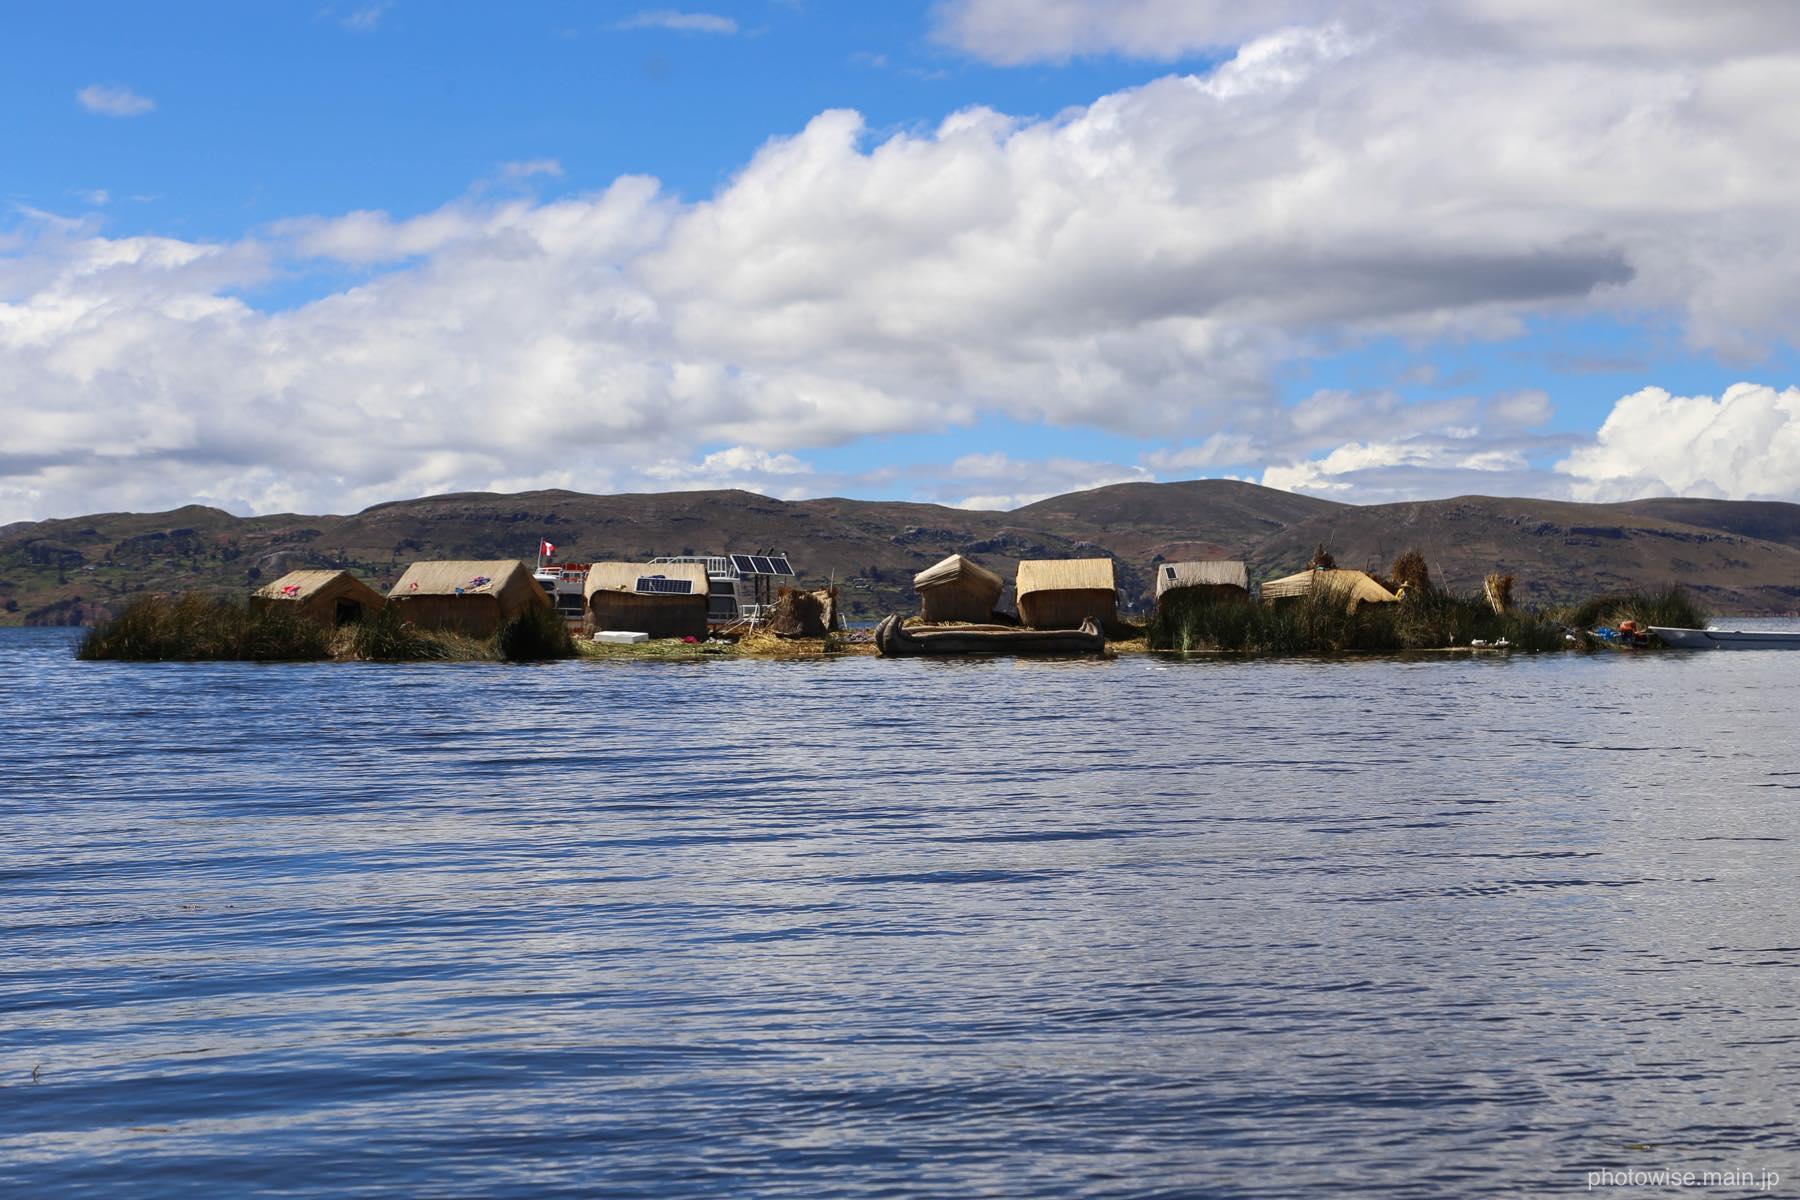 ウロス島を沖から眺める